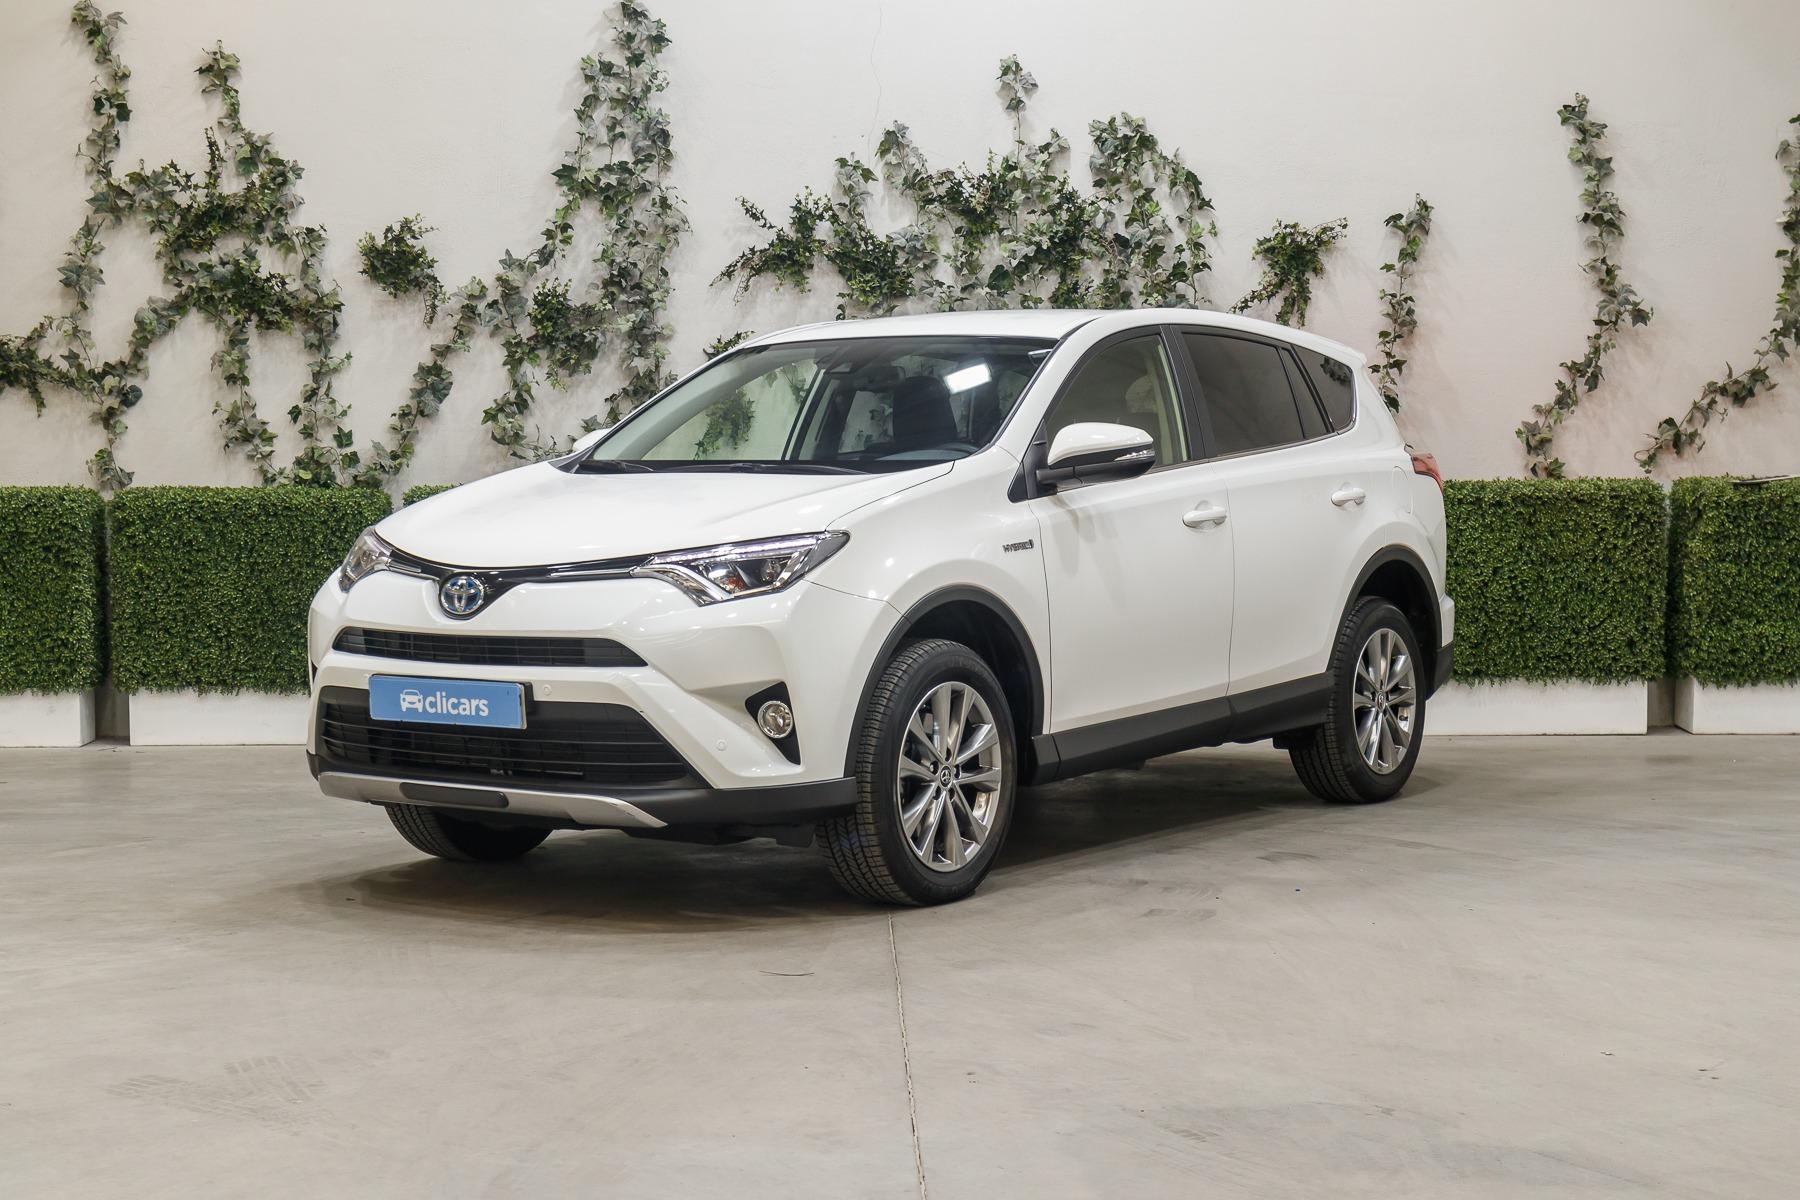 Cual es el coche mas vendido en España